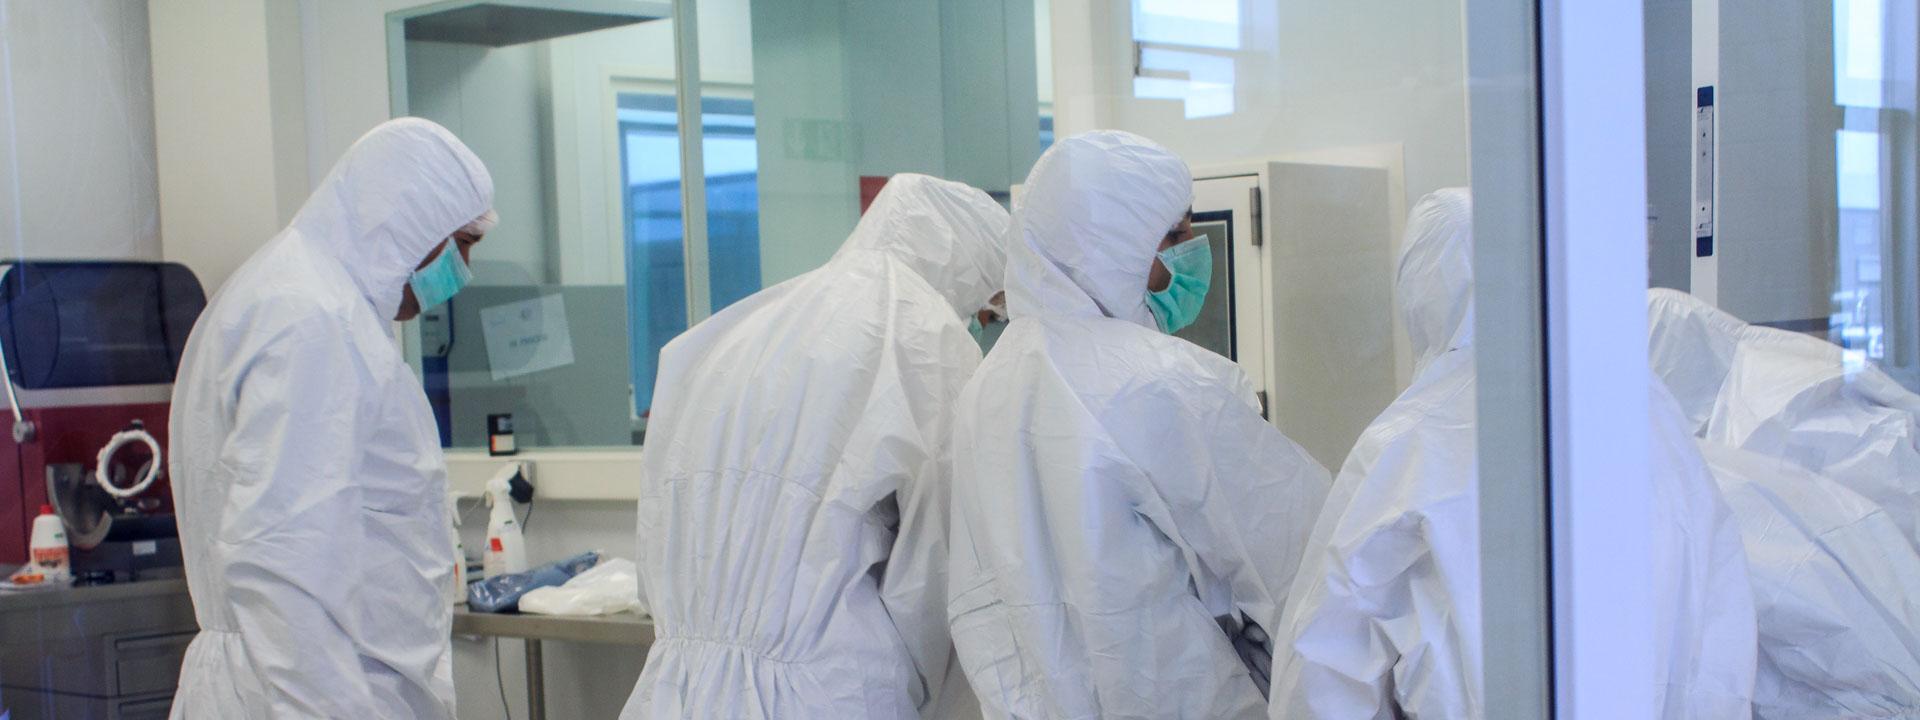 Bonnes pratiques pour la désinfection des surfaces et des salles de diffusion des coronavirus